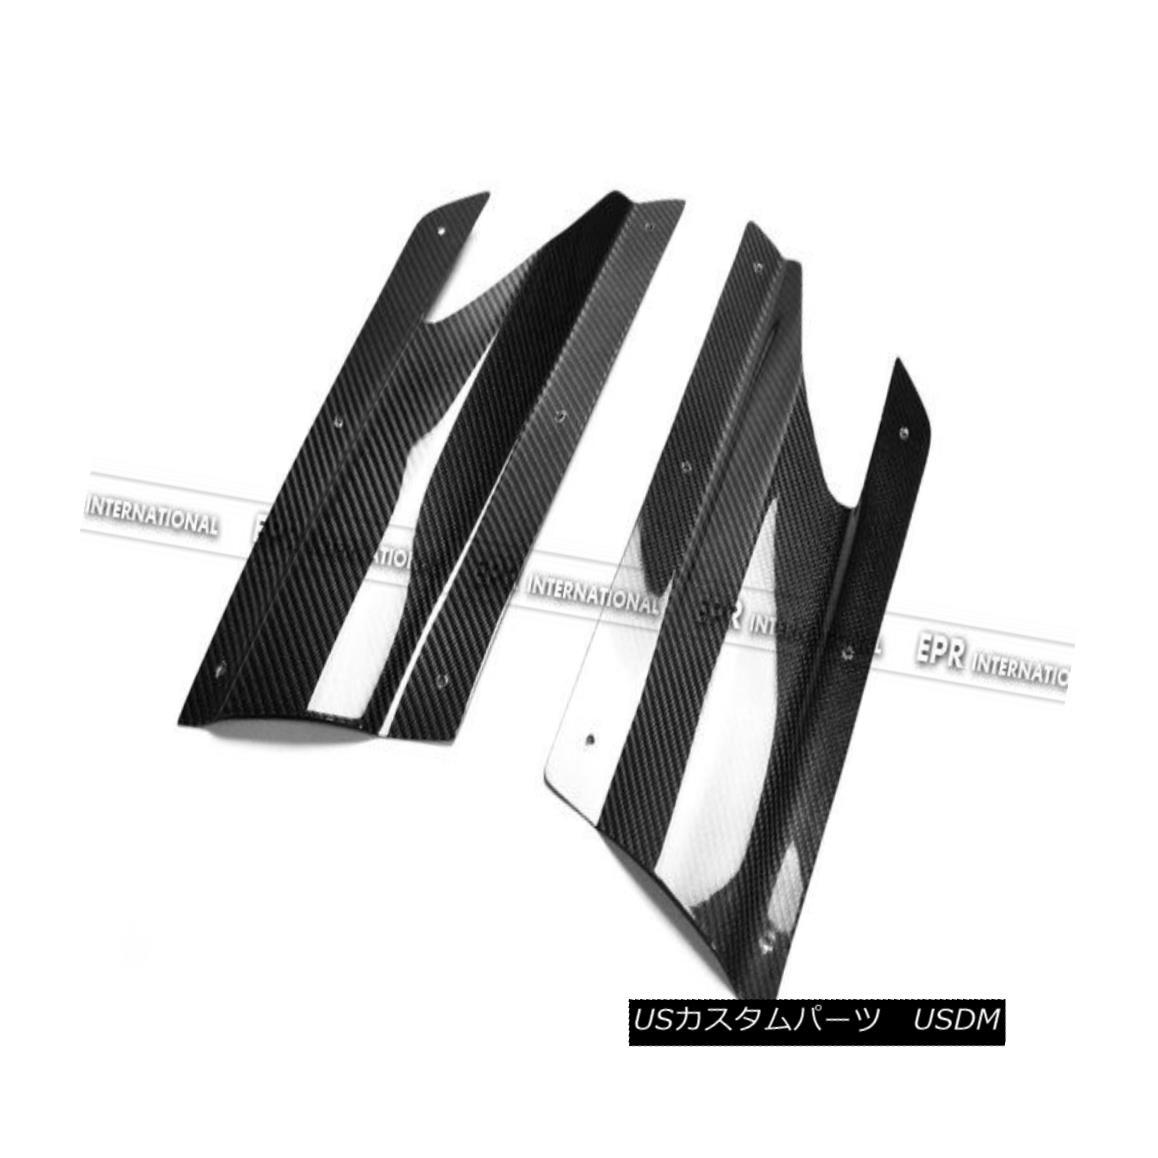 エアロパーツ ABC Rear under skirt side air shroud For Nissan GTR R35 2013 Ver VS Carbon Fiber ABCリヤスカートサイドエアシュラウドの場合日産GTR R35 2013 Ver VSカーボンファイバー